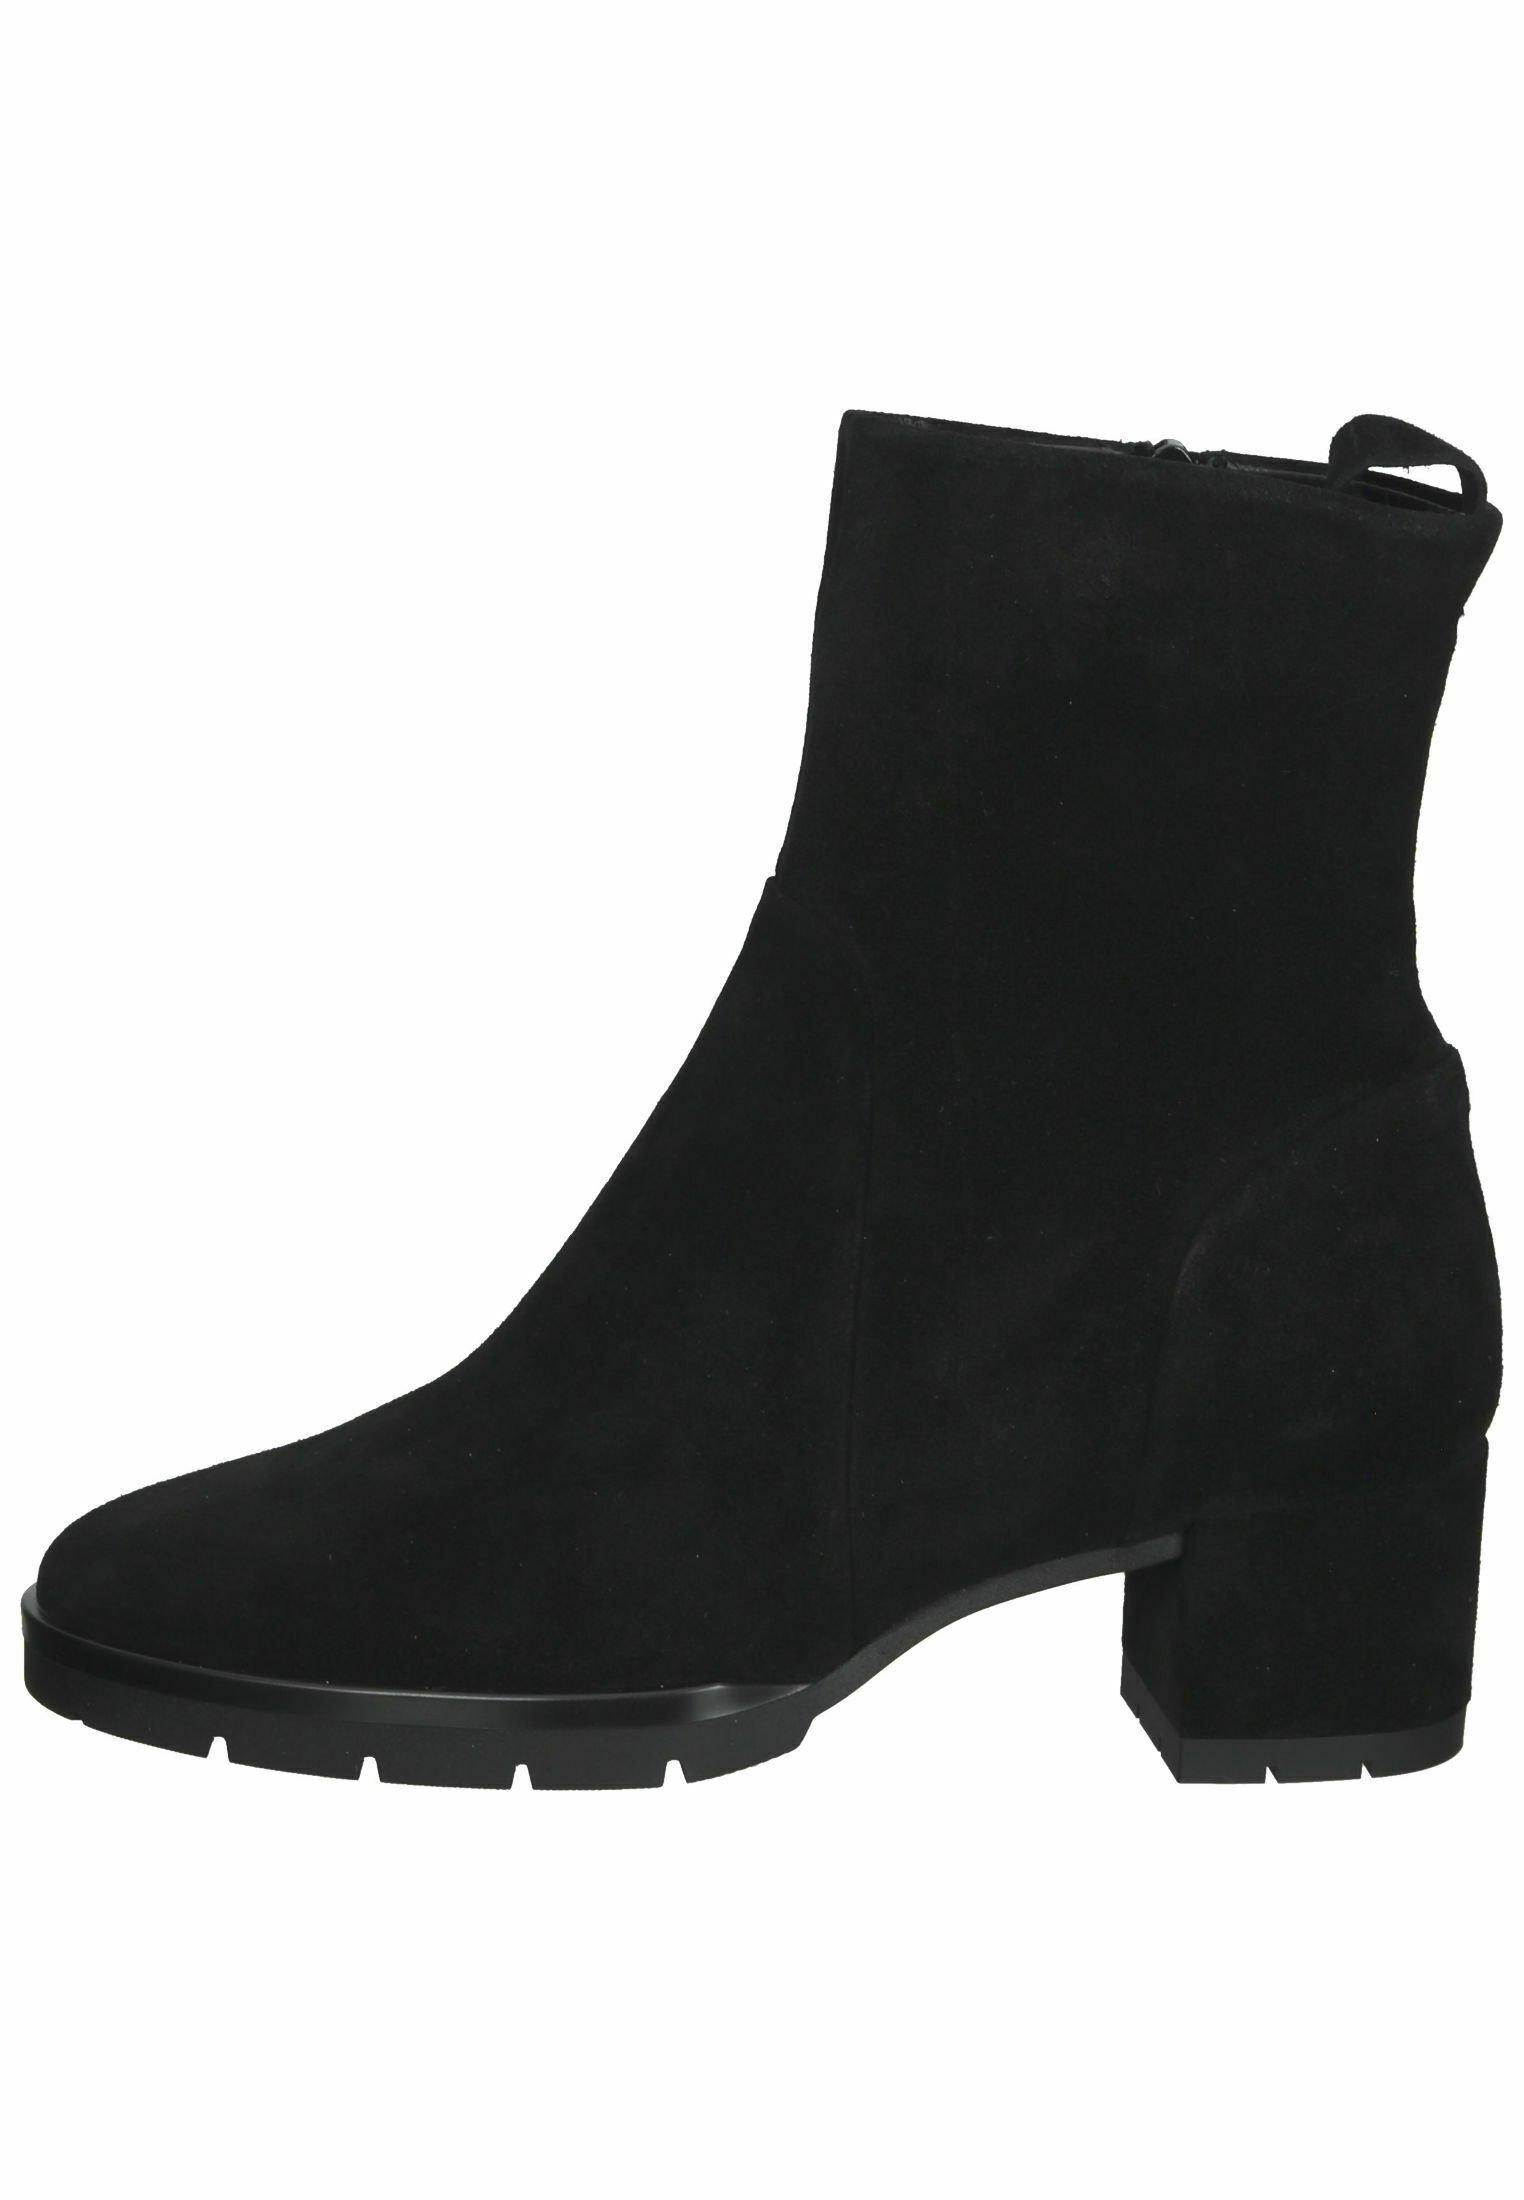 Damen Stiefelette - schwarz